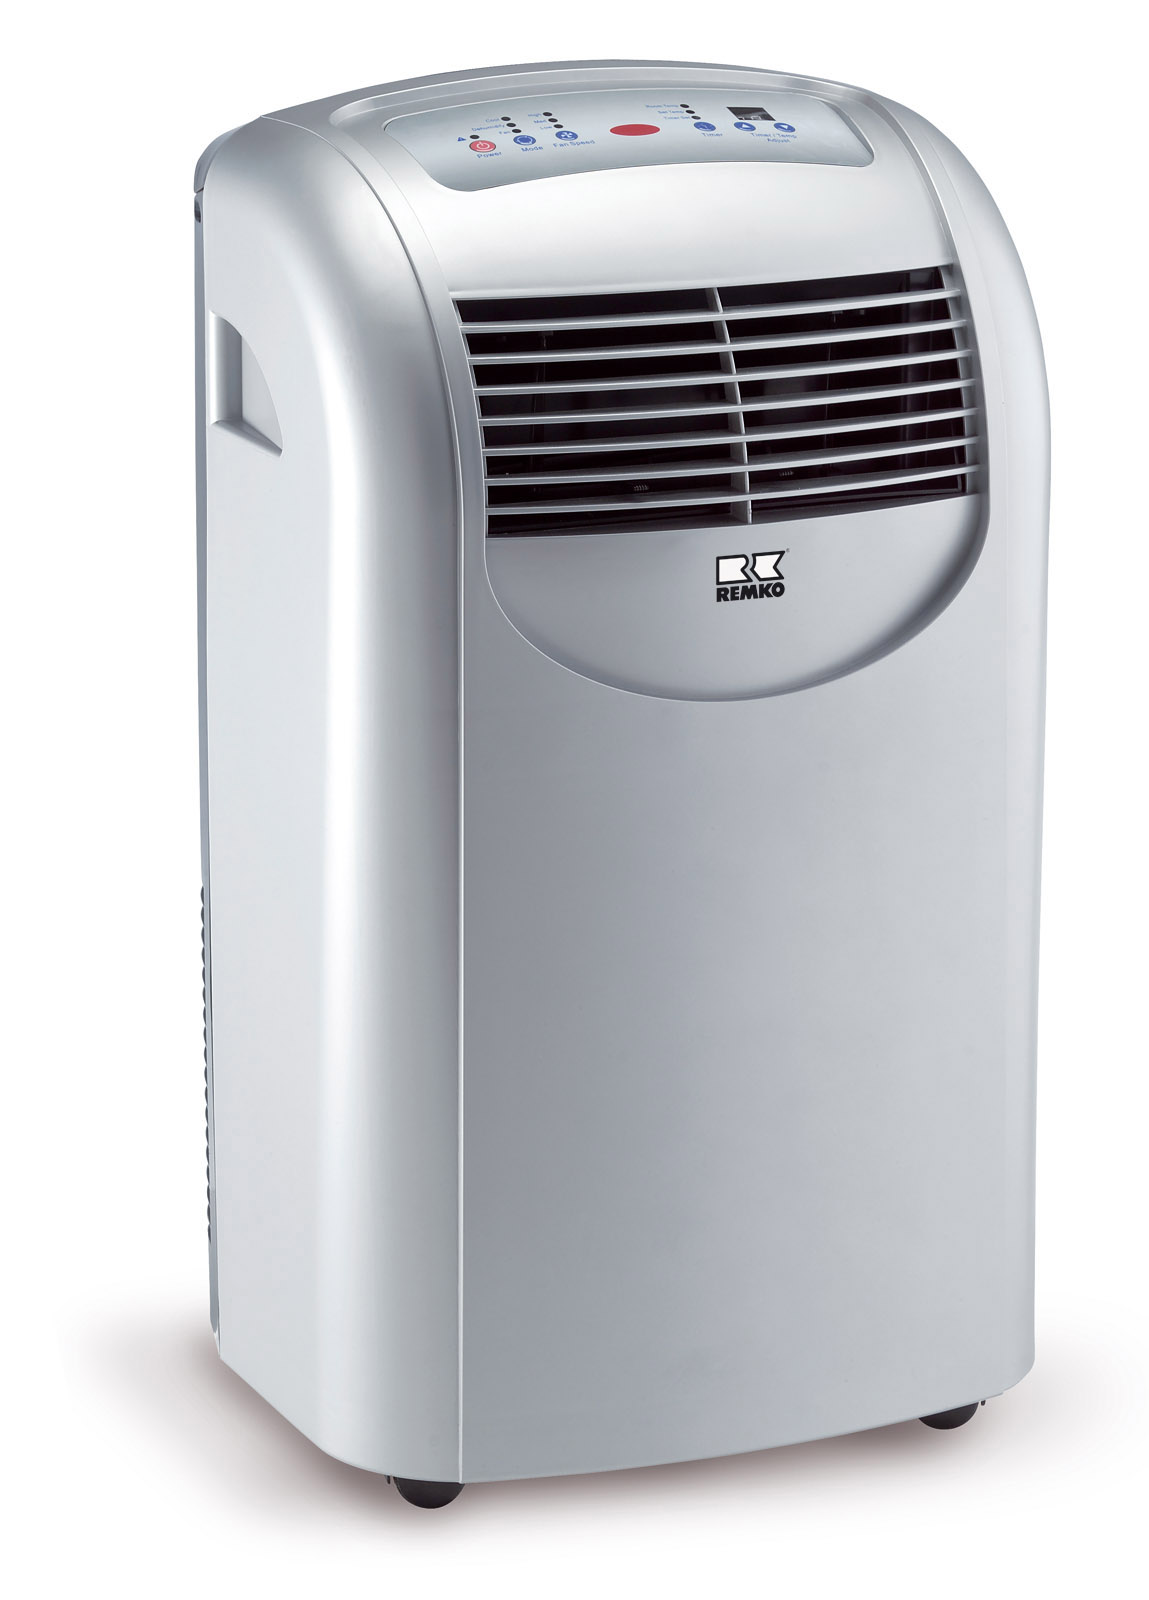 Mobilní klimatizace REMKO MKT291 S-line + Prodloužená záruka 3 roky + ZDARMA SERVIS bez starostí